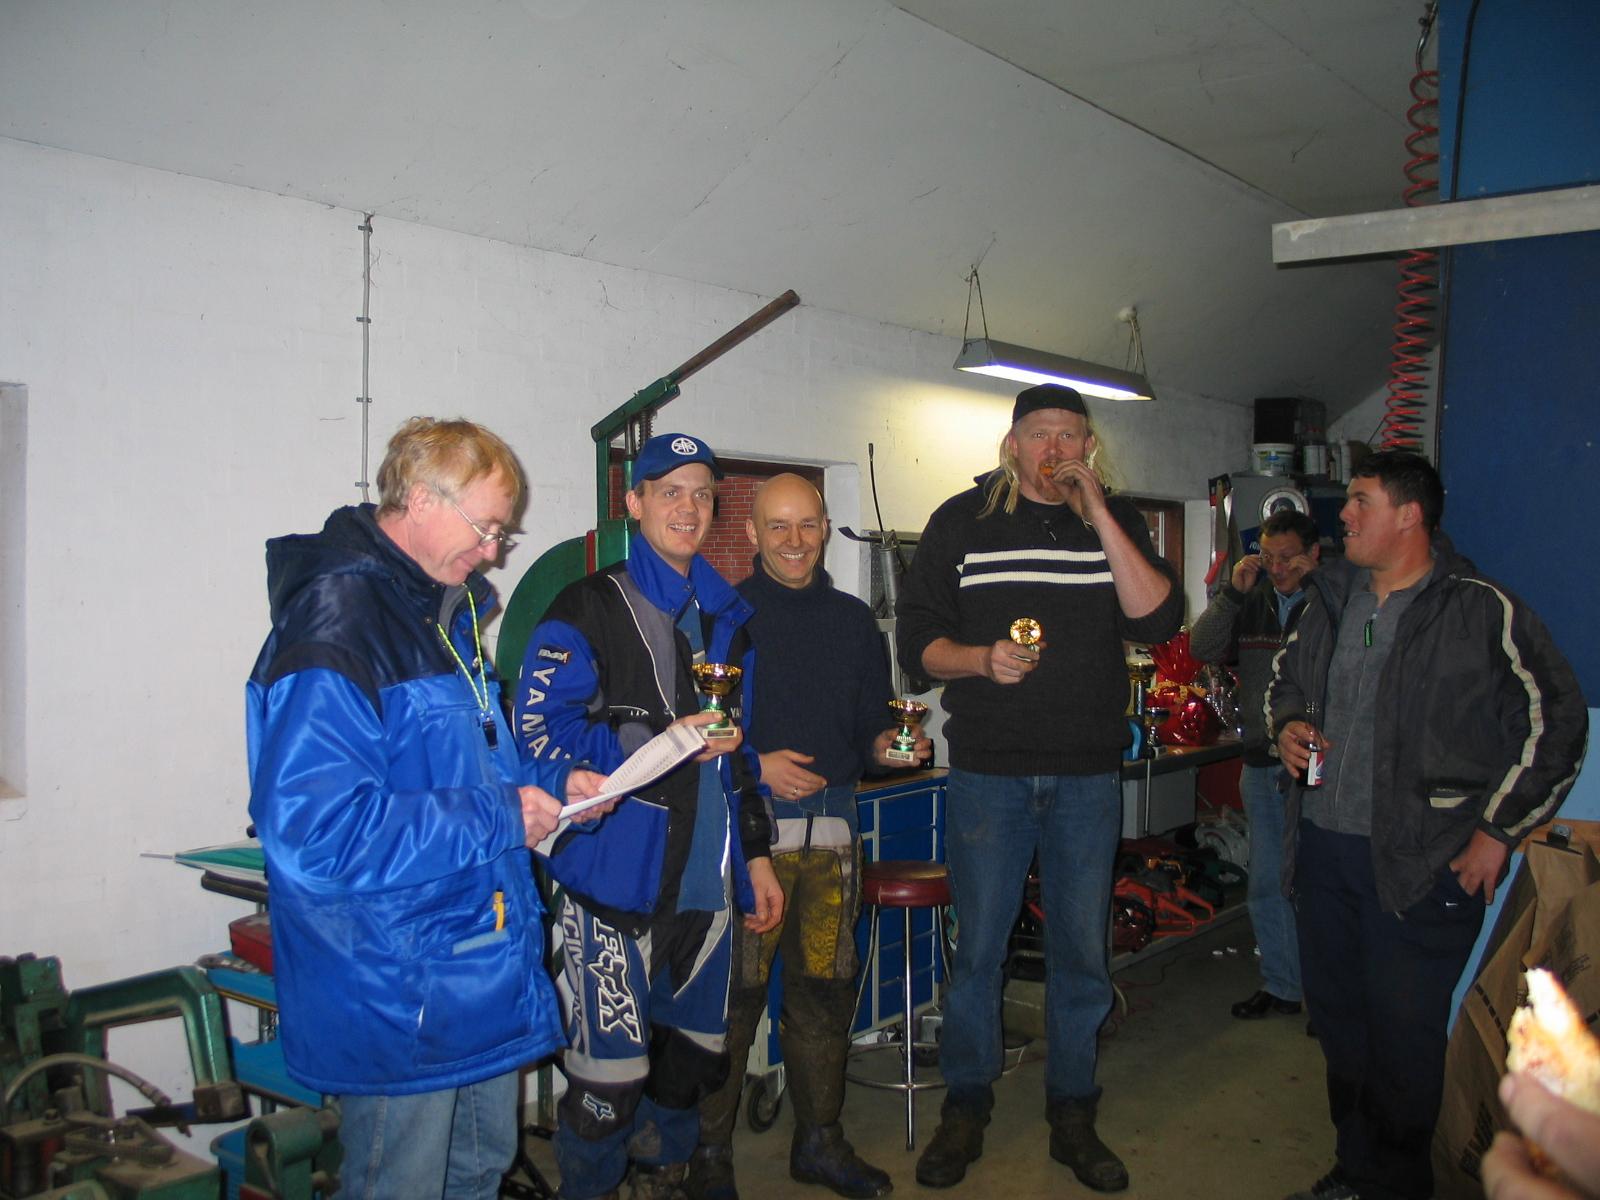 Vinderne i Quad har fået deres præmier. Fra venstre listefører Lars Pedersen, John Bille dagens vinder, Lars Yde, Brian Jensen.